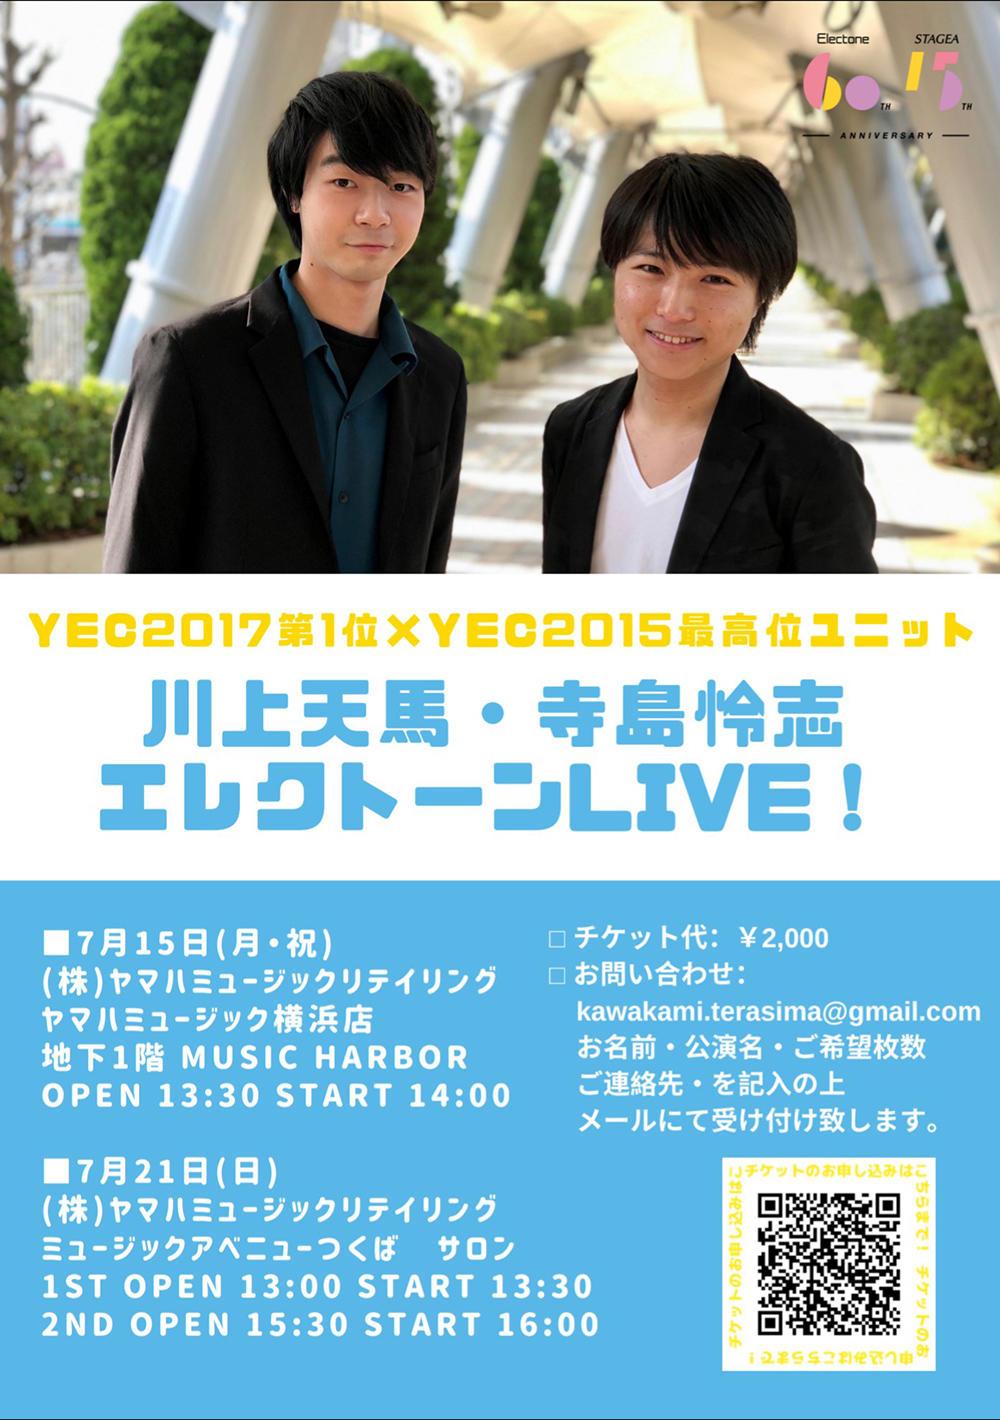 音楽総合アカデミー学科2年生川上天馬さん(電子オルガン/ヤマハエレクトーンコンクール2017世界1位)が新ユニットを結成。